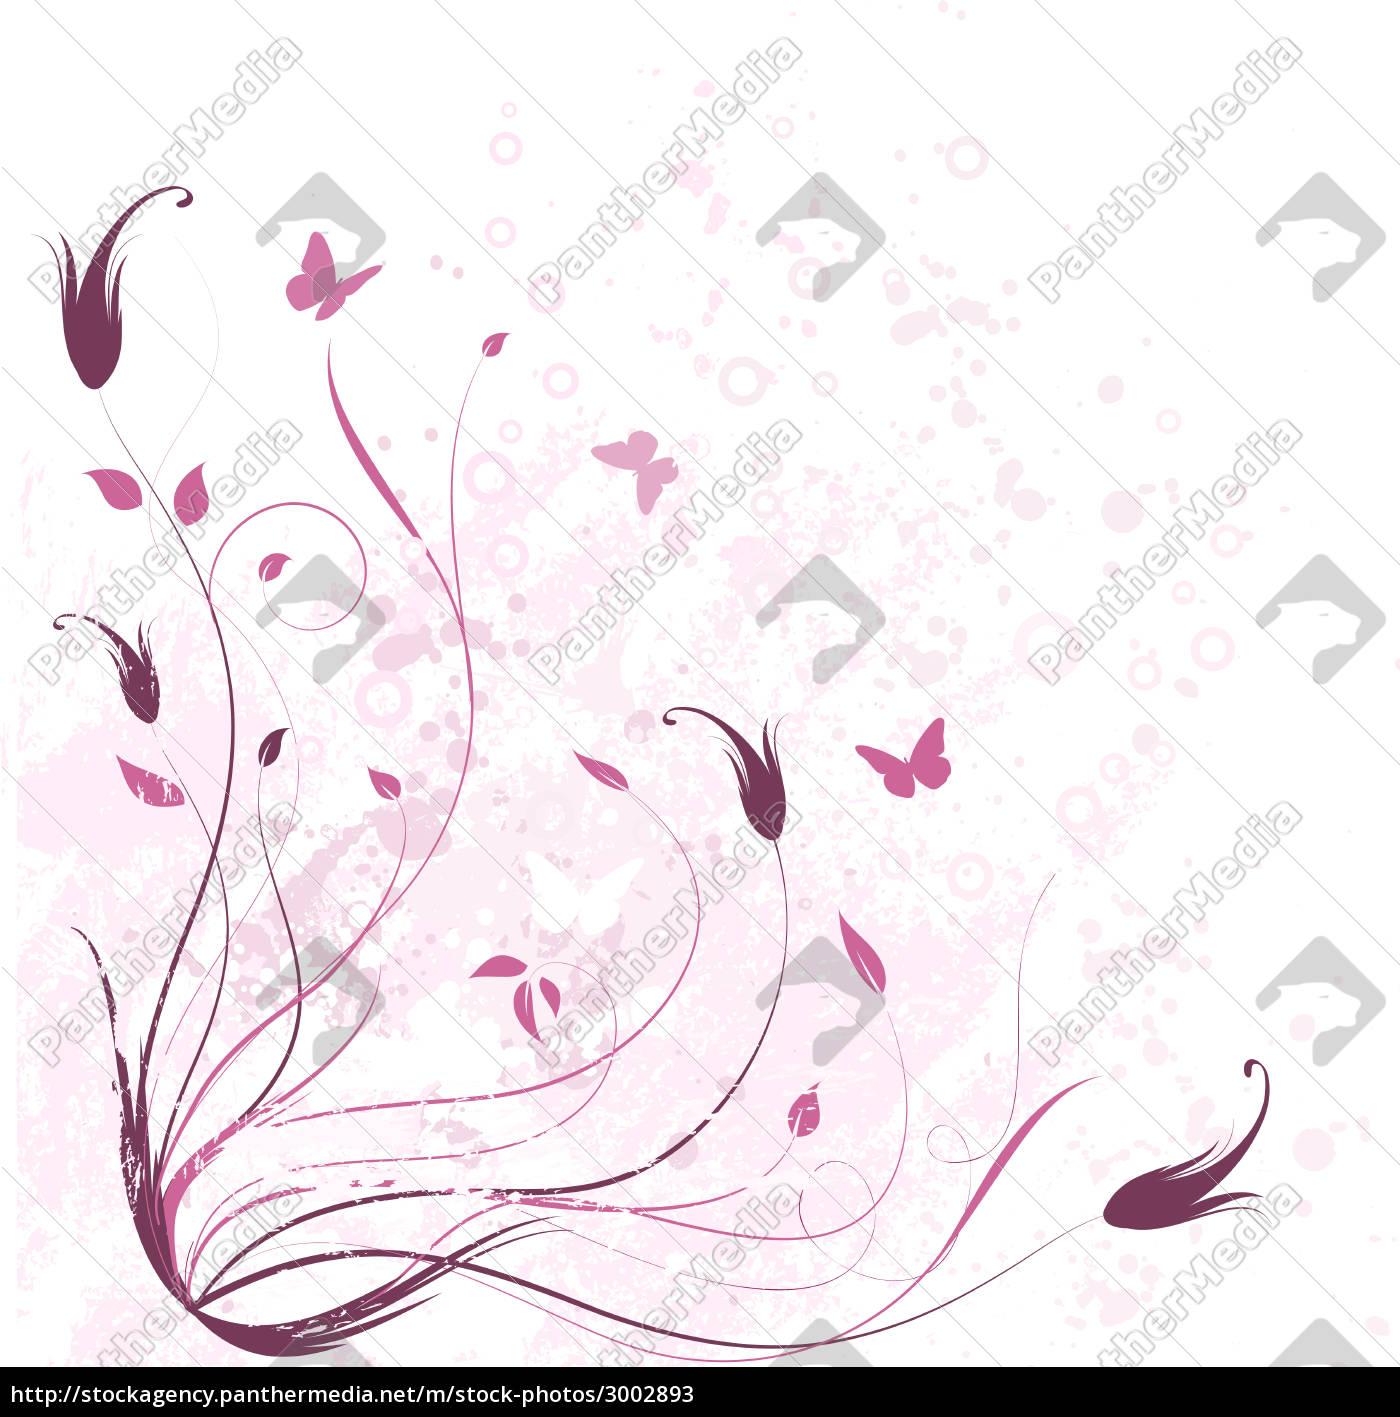 floral, grunge - 3002893